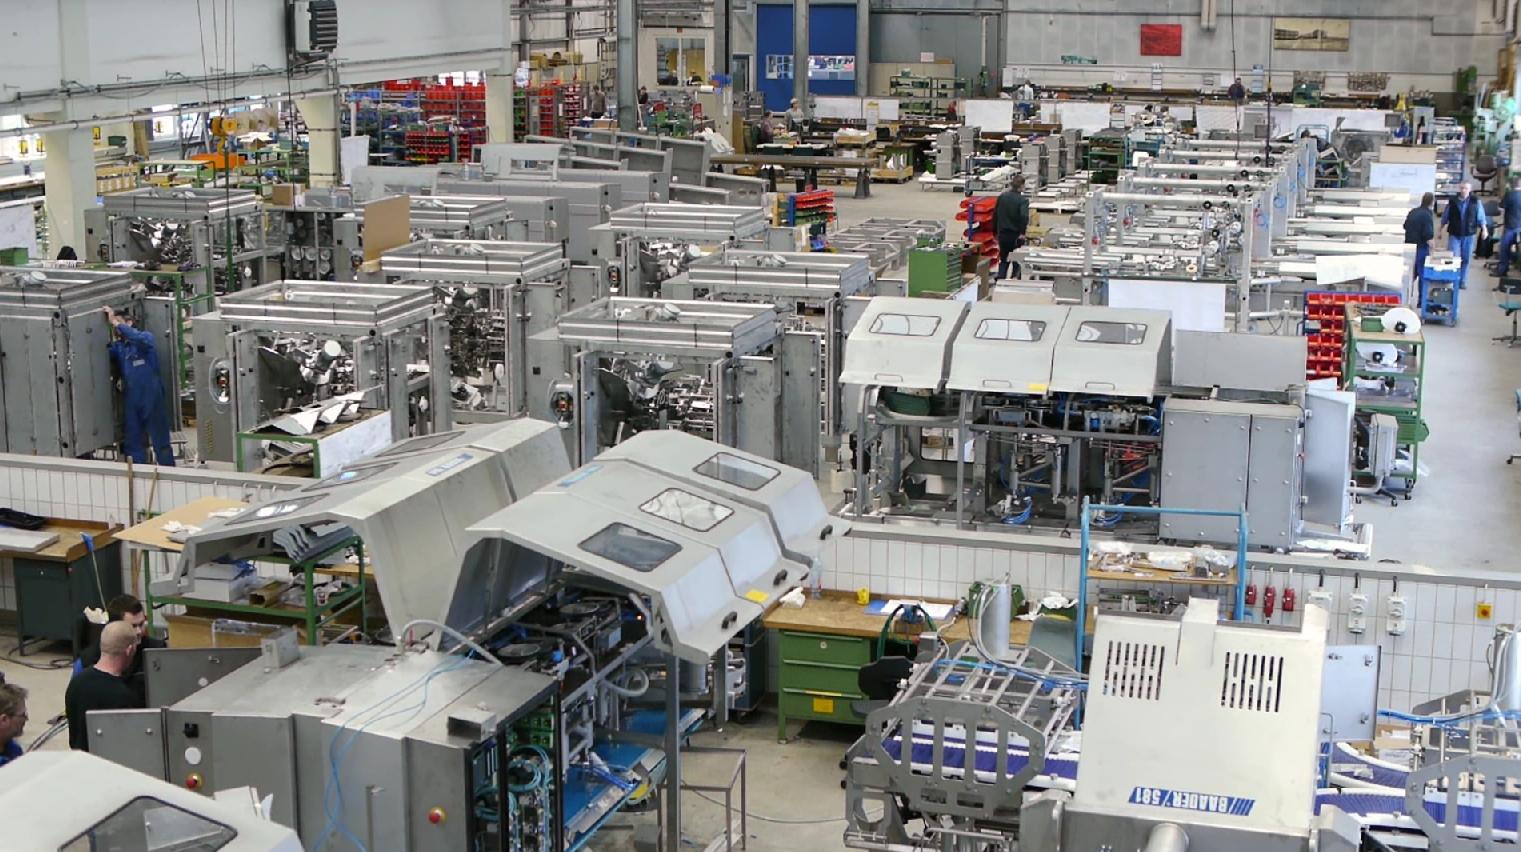 Nordischer Maschinenbau Rudolf Baader GmbH & Co. KG